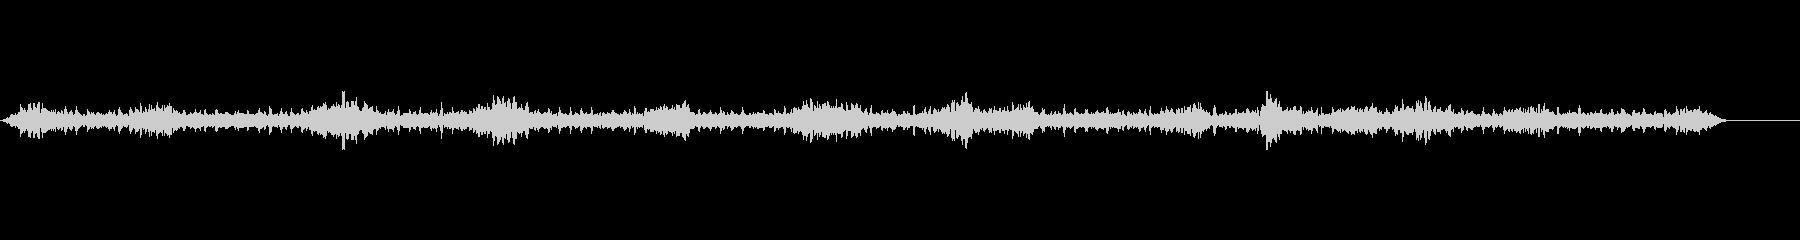 音楽;電子ダンスビート、廊下から。の未再生の波形